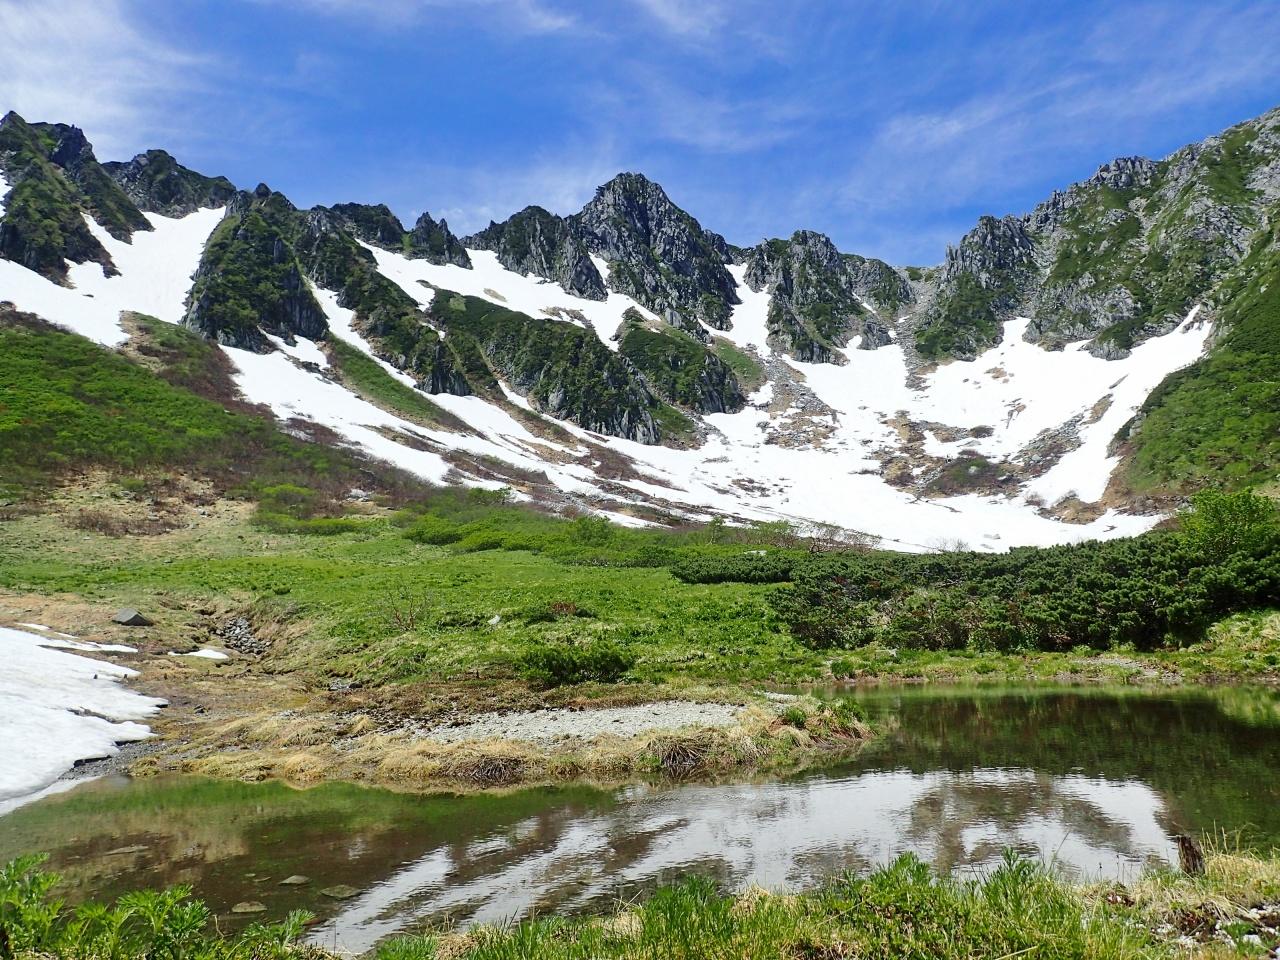 中央アルプス <br>雲上のホテル千畳敷と木曽駒ケ岳登頂 2日間